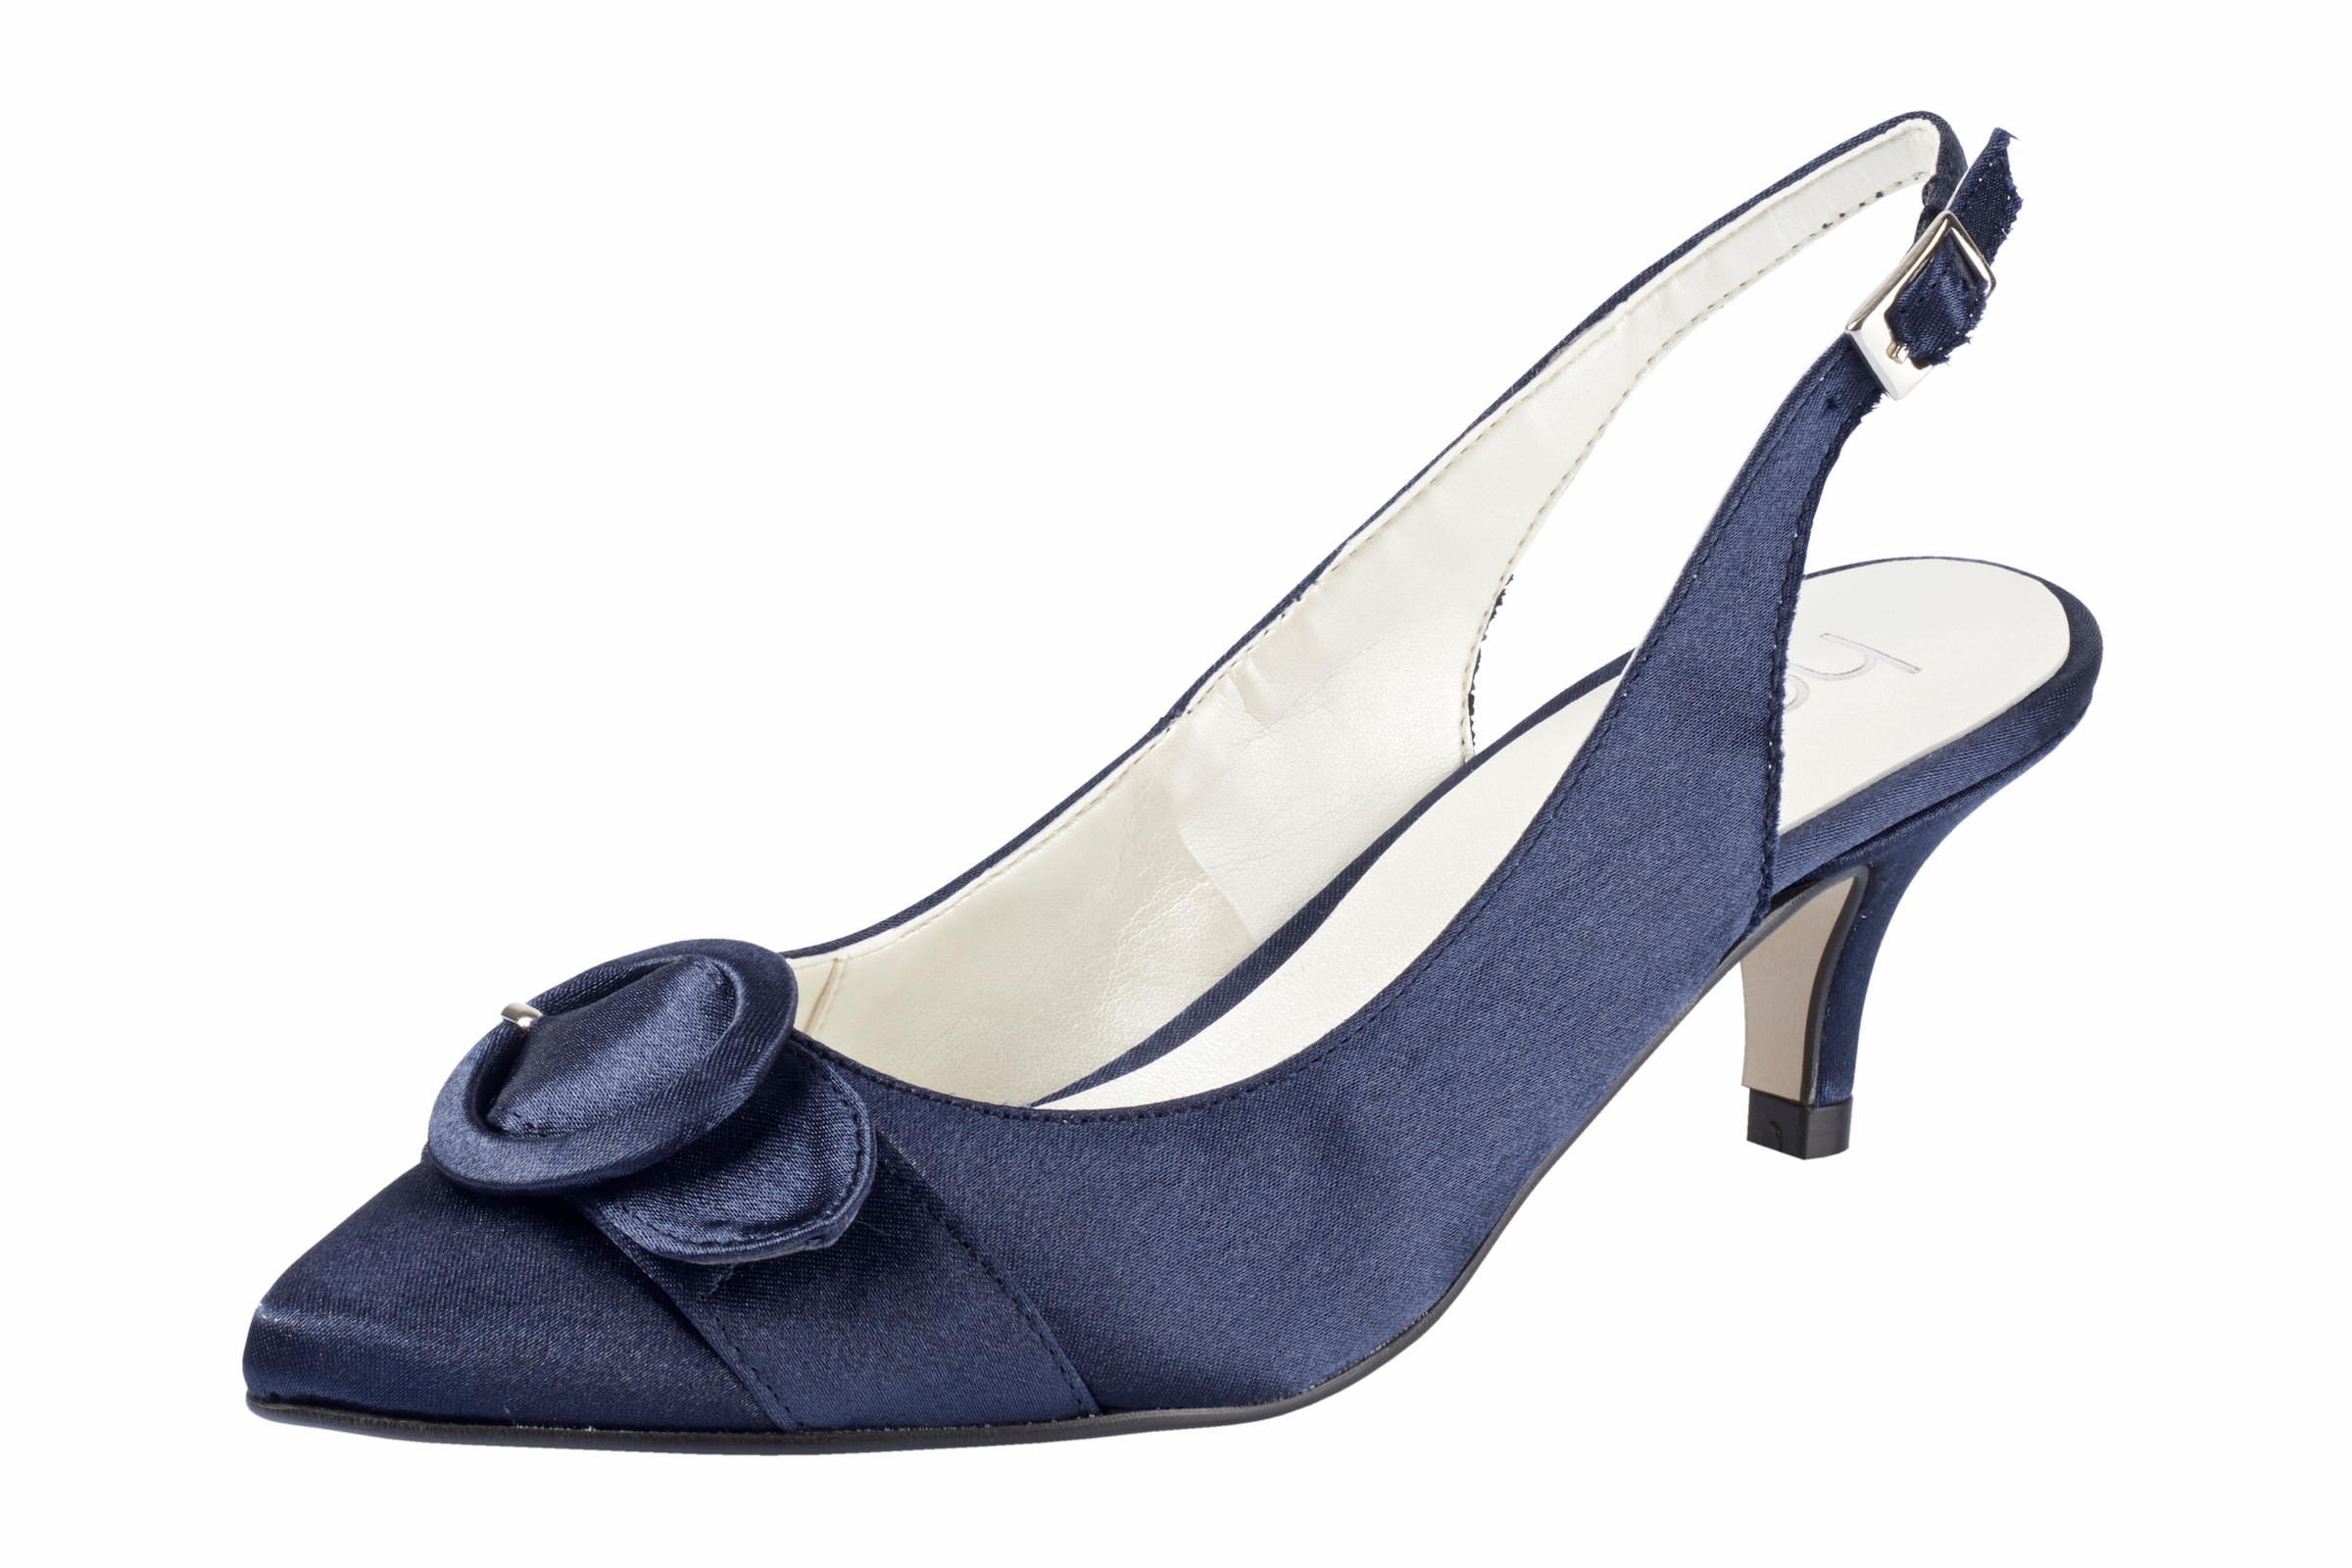 Haltbare Mode billige Schuhe heine | Slingpumps mit Zierschließe Schuhe Gut getragene Schuhe